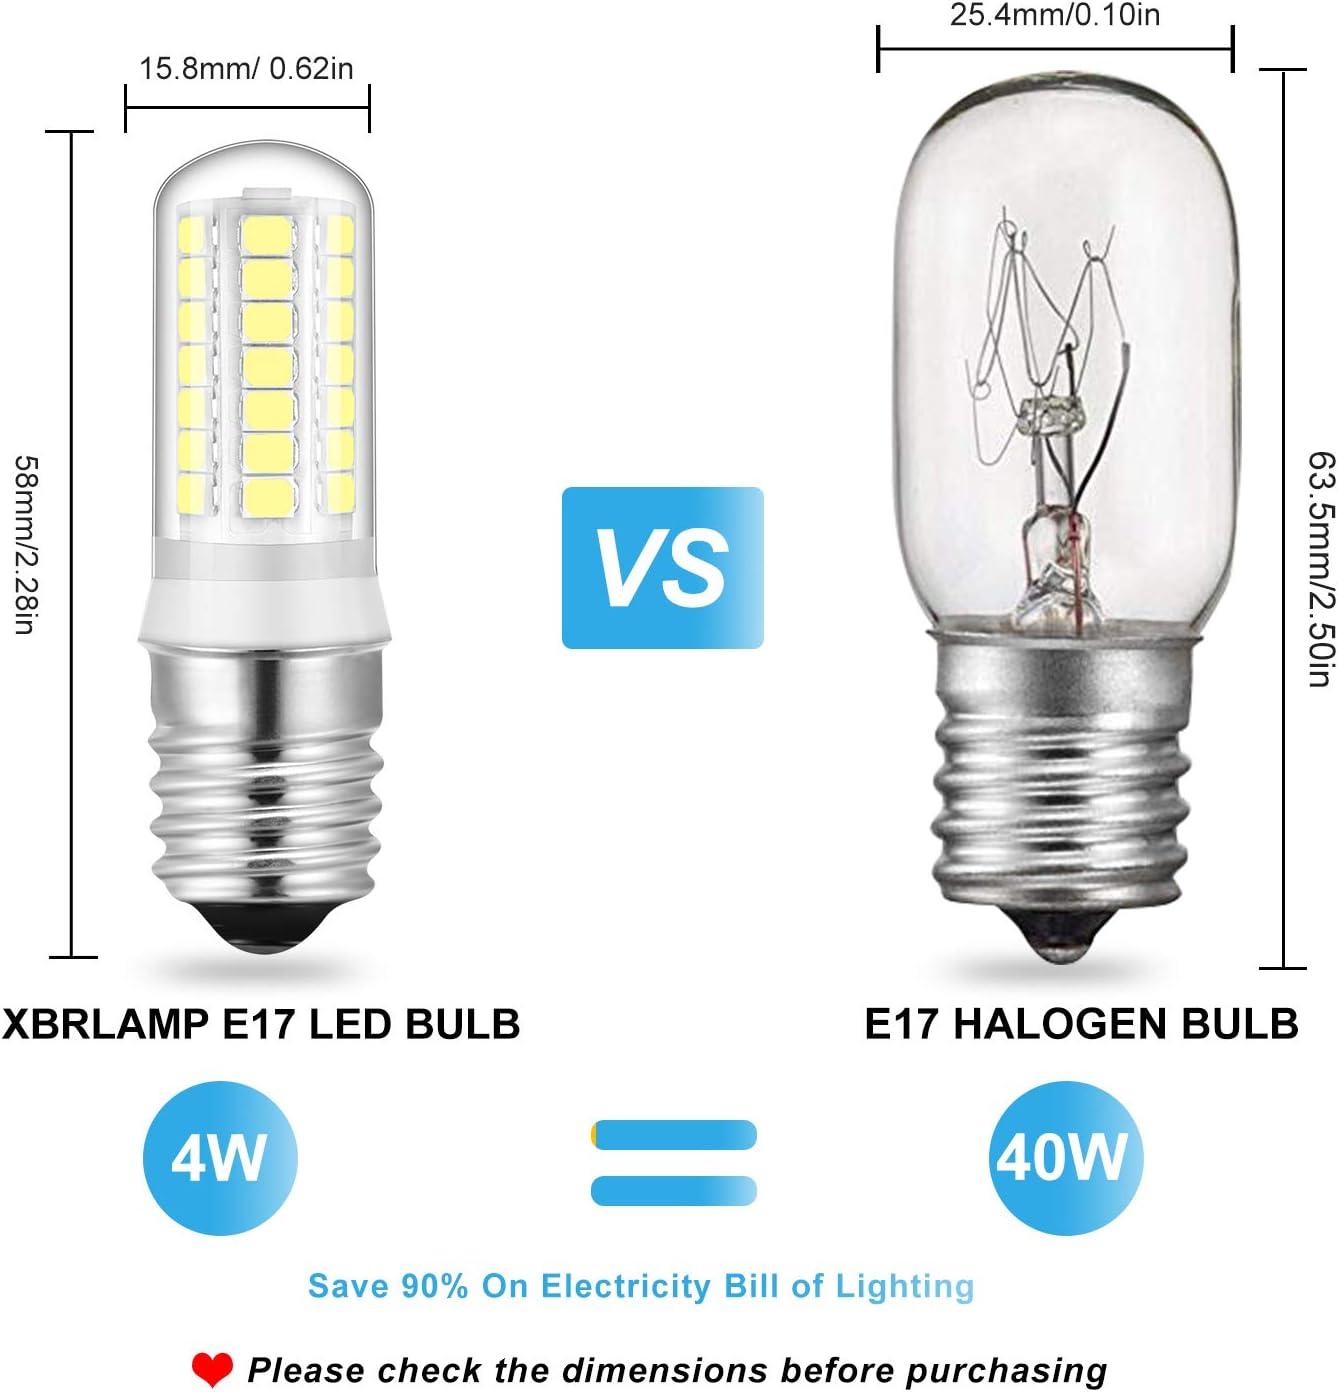 Pack of 2 LED E17 Bulbs 4W Ceramic Body Light 35W 40W Halogen Bulb Equivalent Daylight White 6000K Non-Dimmable AC110-130V for Home Lighting Ceiling Fan Light